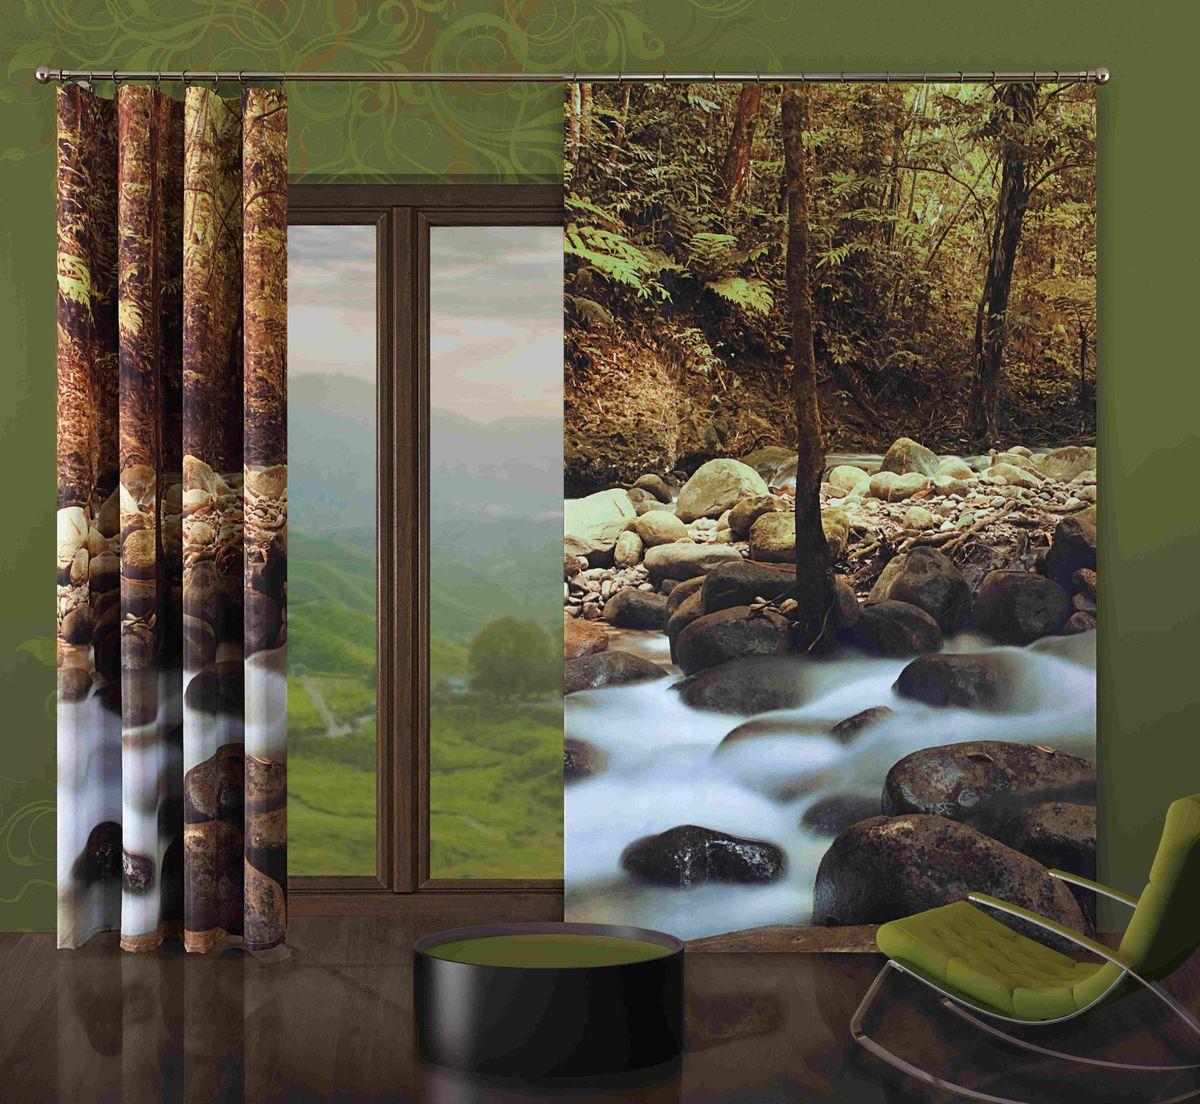 Комплект гардин-панно Wisan Kamienie, на ленте, цвет: коричневый, серый, высота 250 см271WКомплект гардин-панно Wisan Kamienie, изготовленный из полиэстера, станет великолепным украшением любого окна. В комплект входят 2 плотные гардины с изображением камней и леса. Качественный материал, оригинальный дизайн и приятная цветовая гамма привлекут к себе внимание и органично впишутся в интерьер. Комплект оснащен шторной лентой для красивой сборки. В комплект входит: Гардин-панно - 2 шт. Размер (ШхВ): 150 см х 250 см. Фирма Wisan на польском рынке существует уже более пятидесяти лет и является одной из лучших польских фабрик по производству штор и тканей. Ассортимент фирмы представлен готовыми комплектами штор для гостиной, детской, кухни, а также текстилем для кухни (скатерти, салфетки, дорожки, кухонные занавески). Модельный ряд отличает оригинальный дизайн, высокое качество. Ассортимент продукции постоянно пополняется.